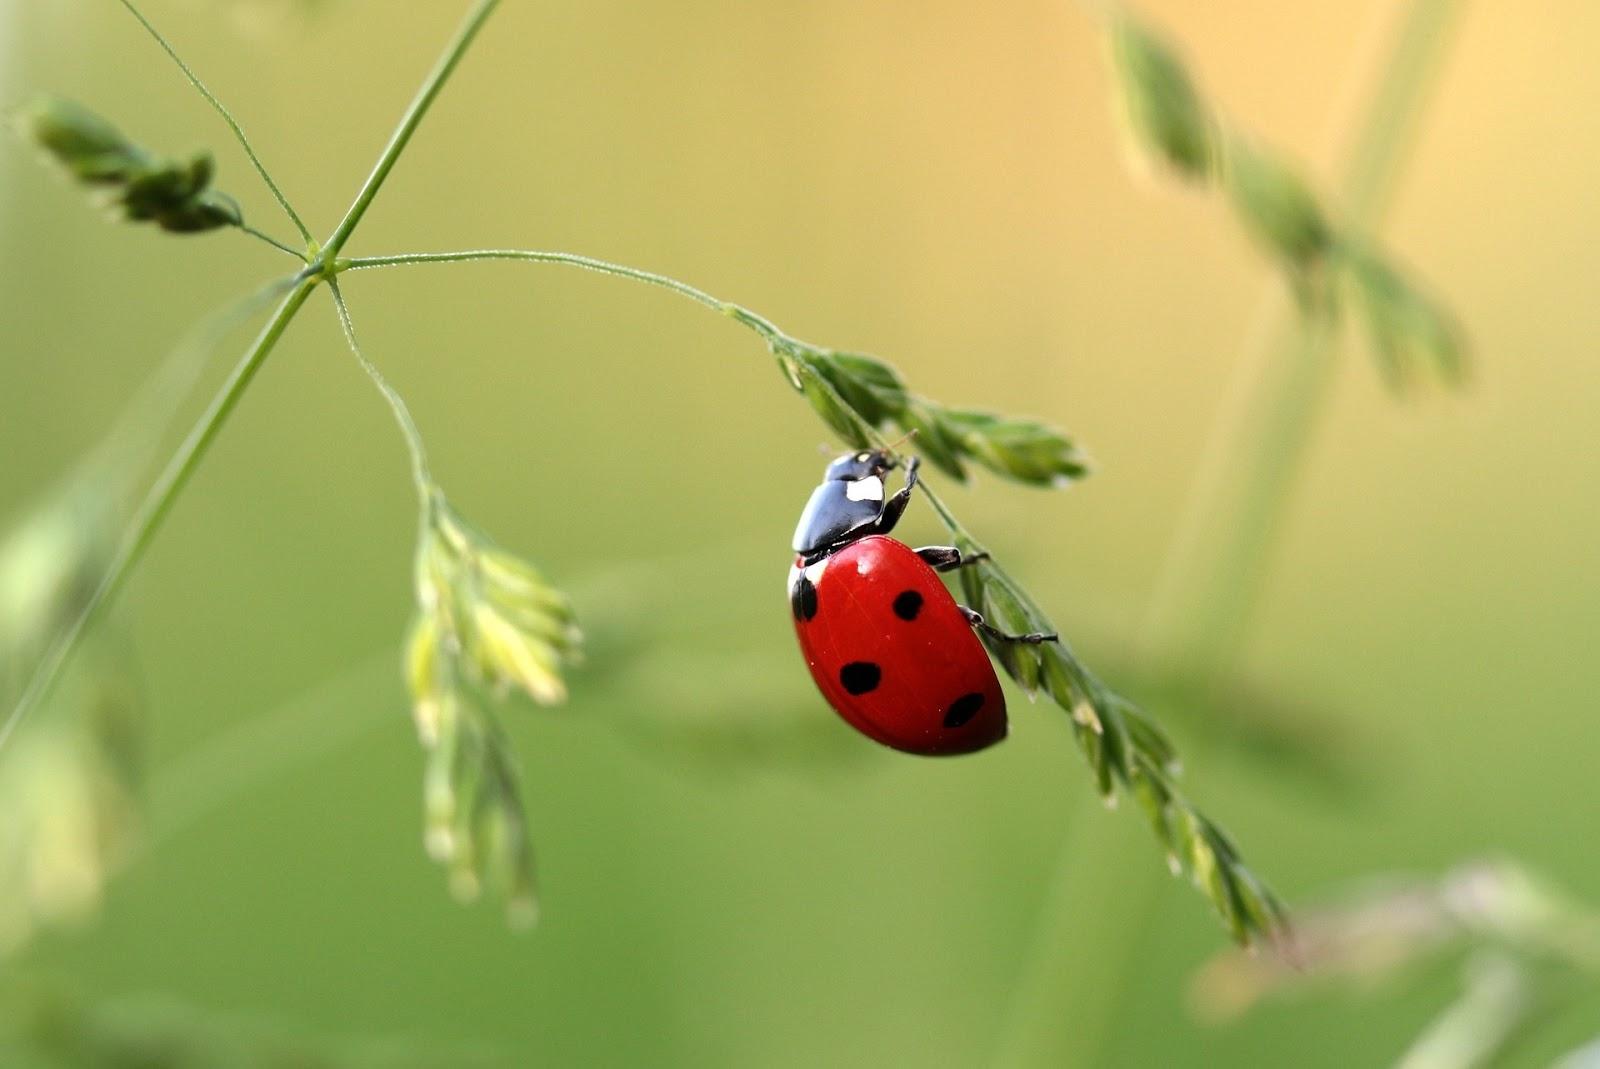 Hình nền con bọ đang đậu trên bông lúa